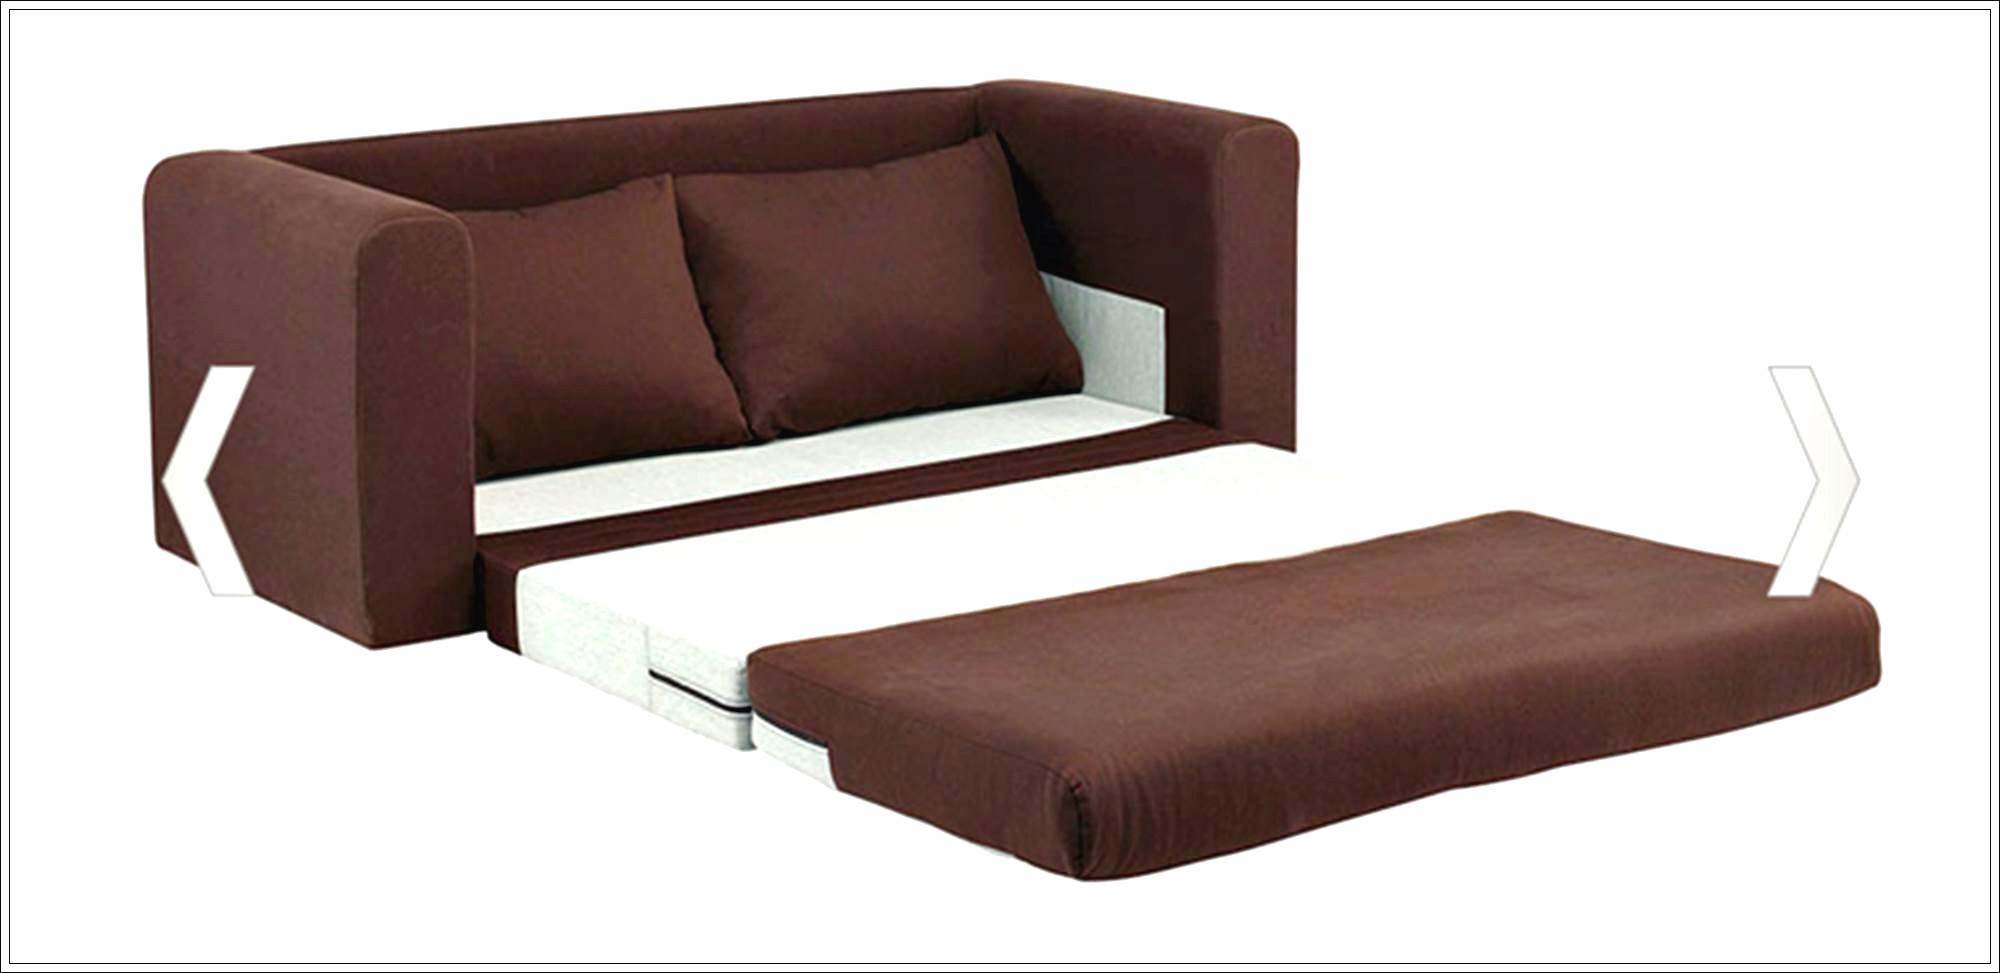 Canapé Velours Cotelé Ikea Nouveau Stock sofa Gonflable Ikea